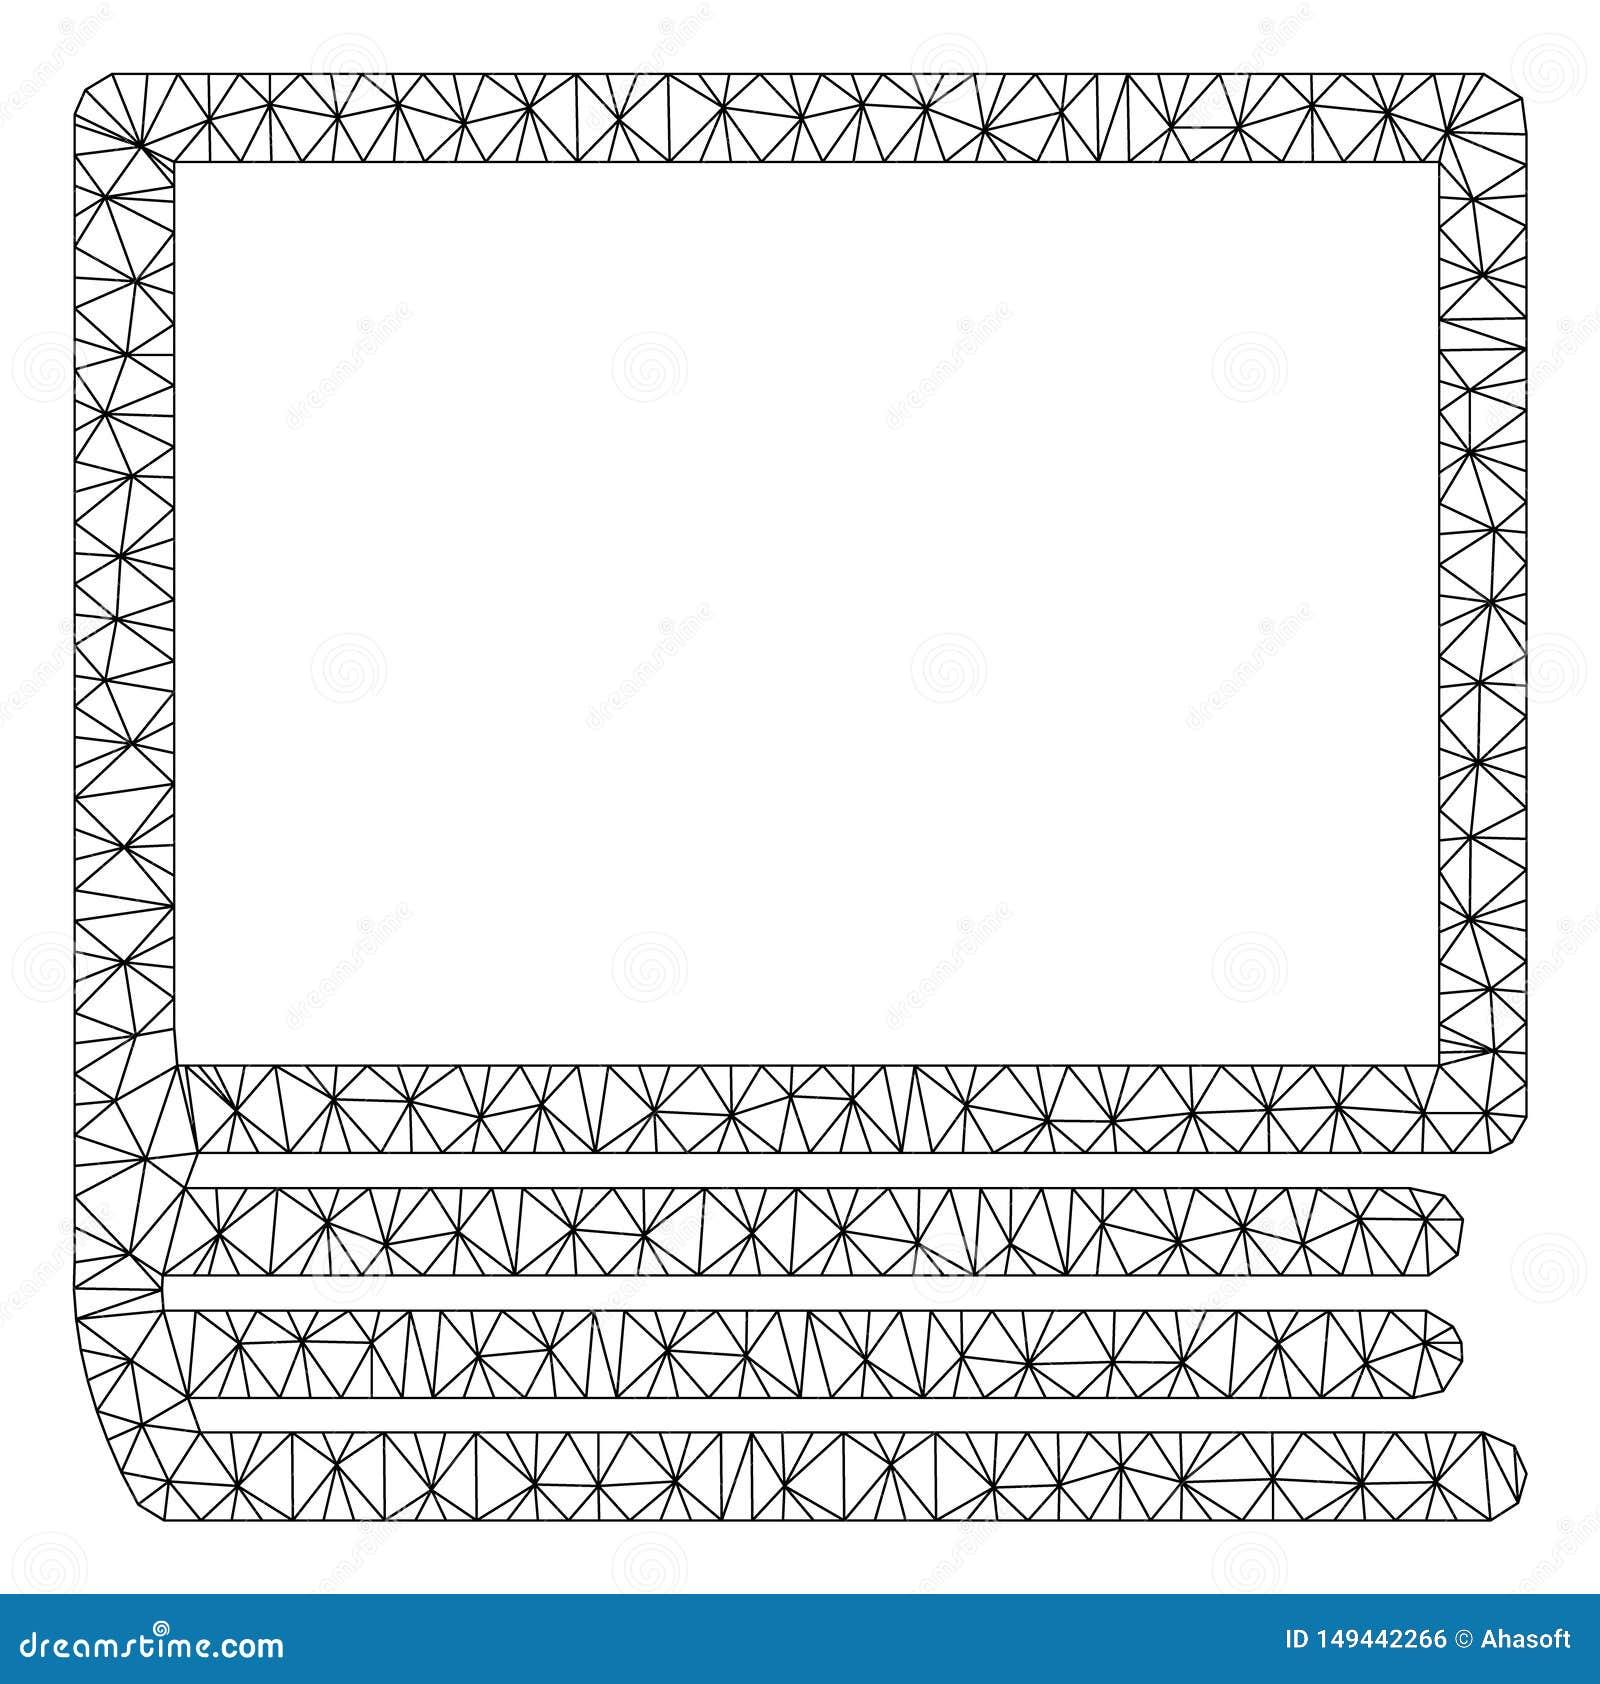 Иллюстрация сетки вектора рамки книги полигональная